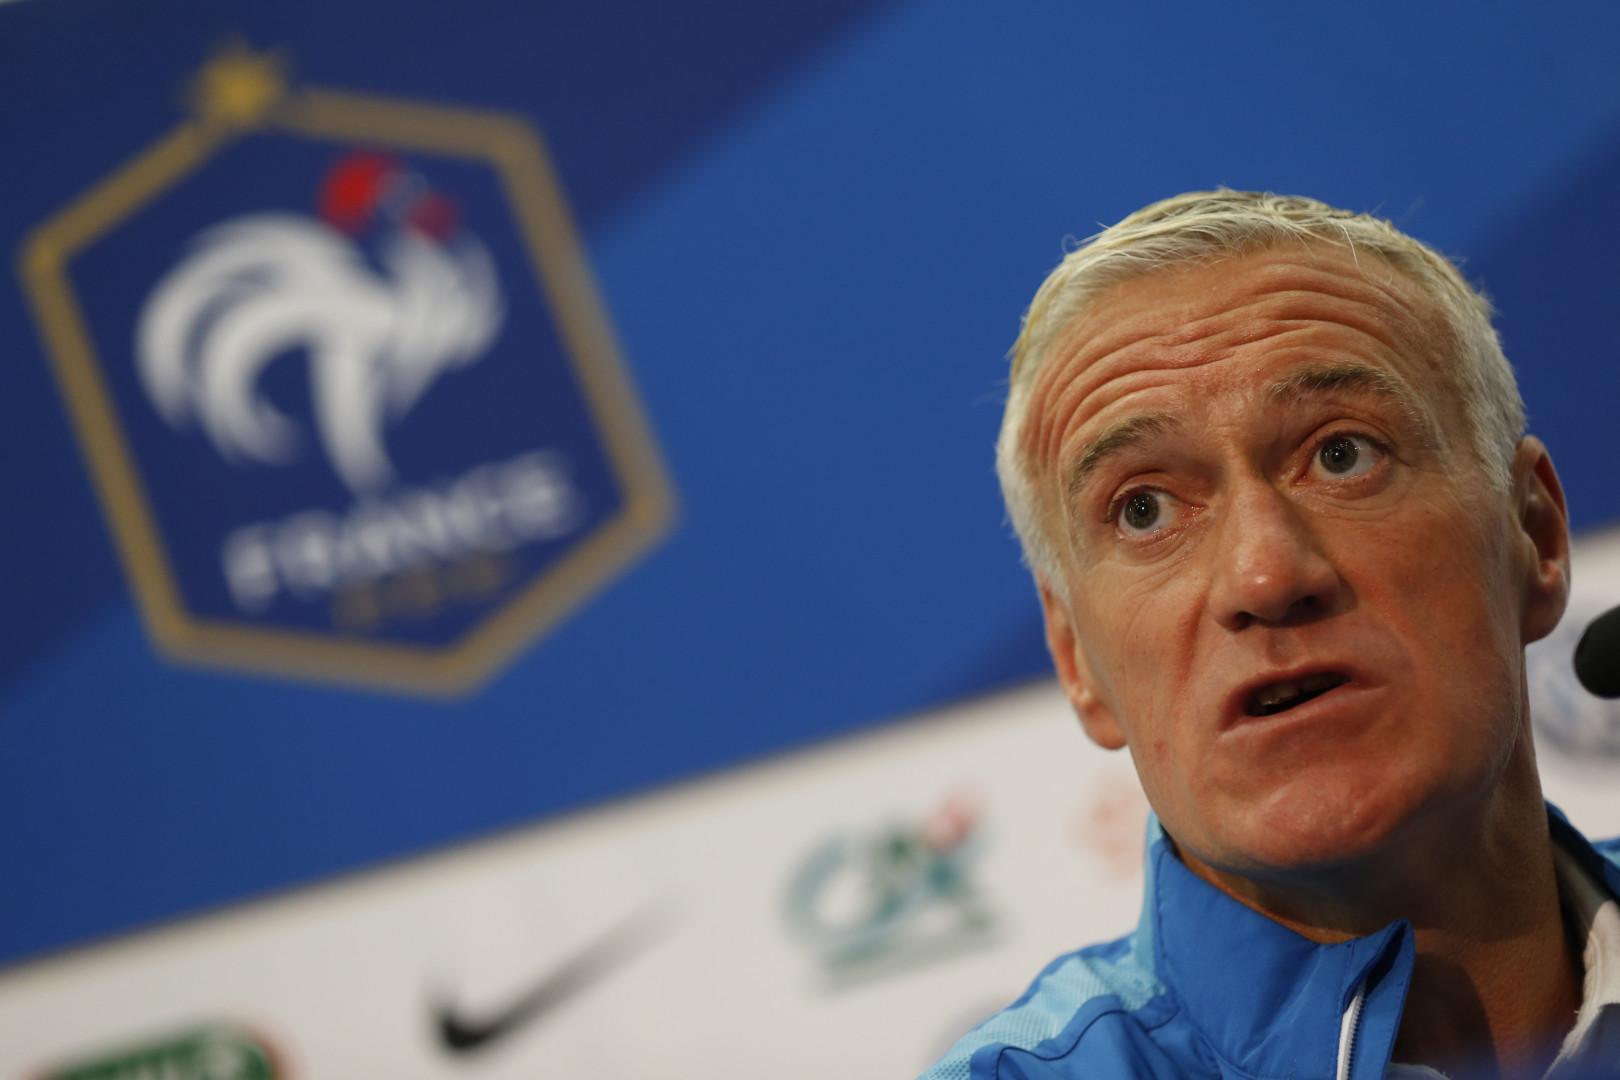 L'ancien capitaine Didier Deschamps est le sélectionneur de l'équipe de France après avoir entraîné Monaco, la Juventus et l'OM